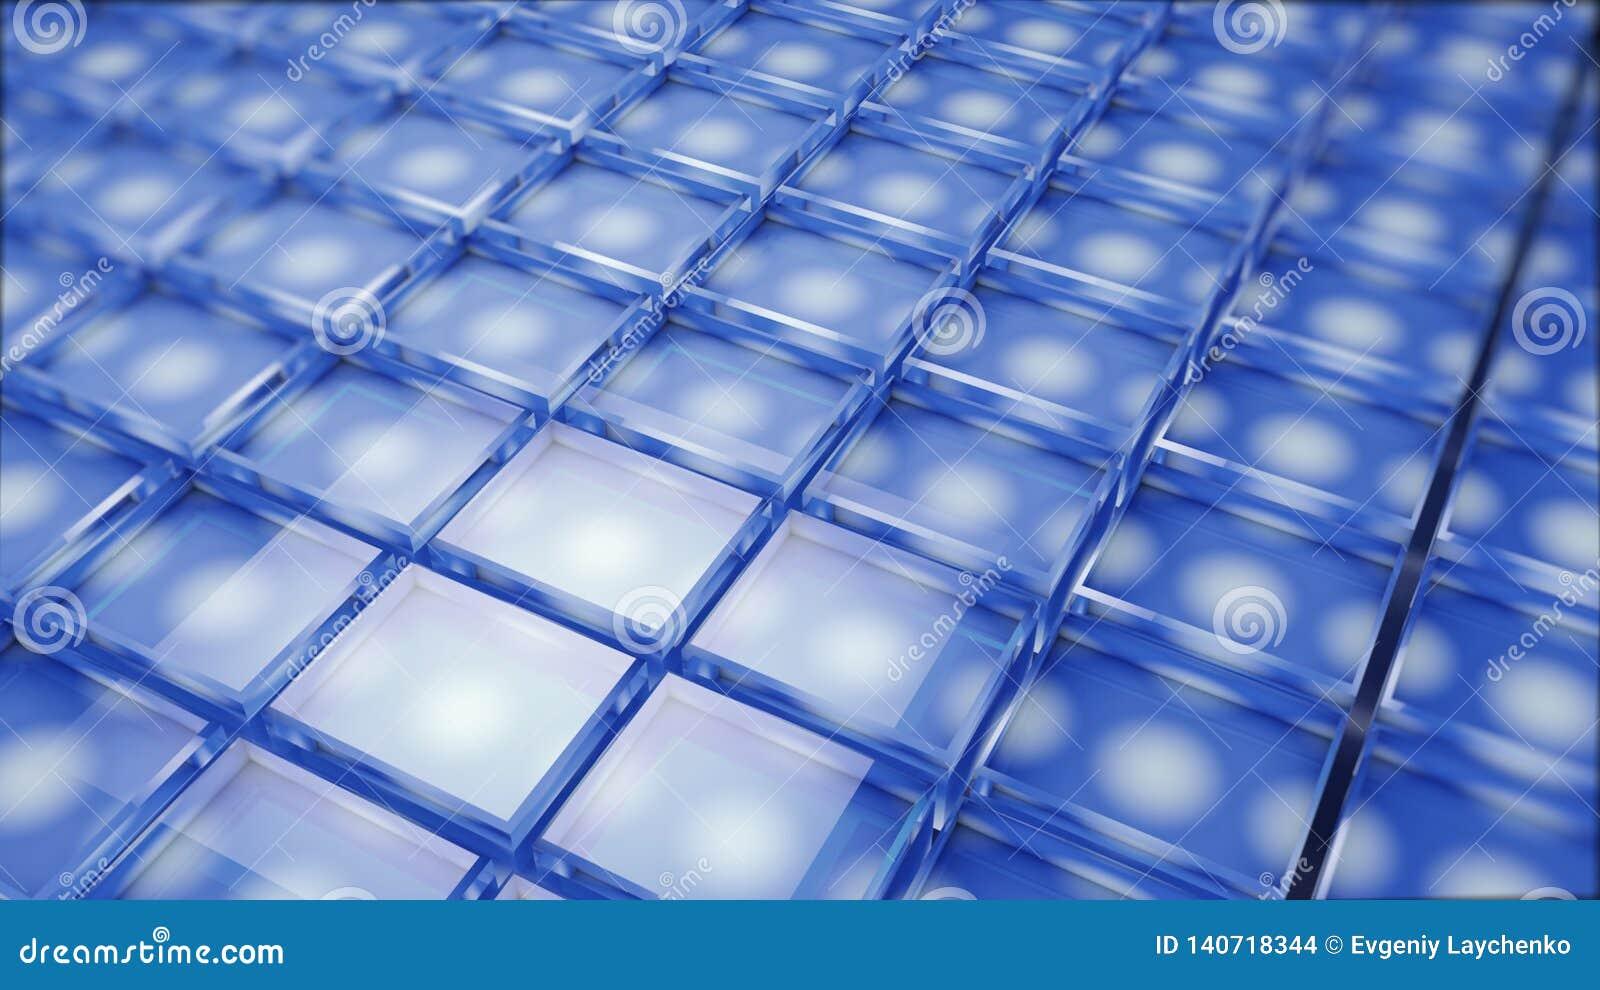 Abstraktes Bild des Würfelhintergrundes im Blau getont